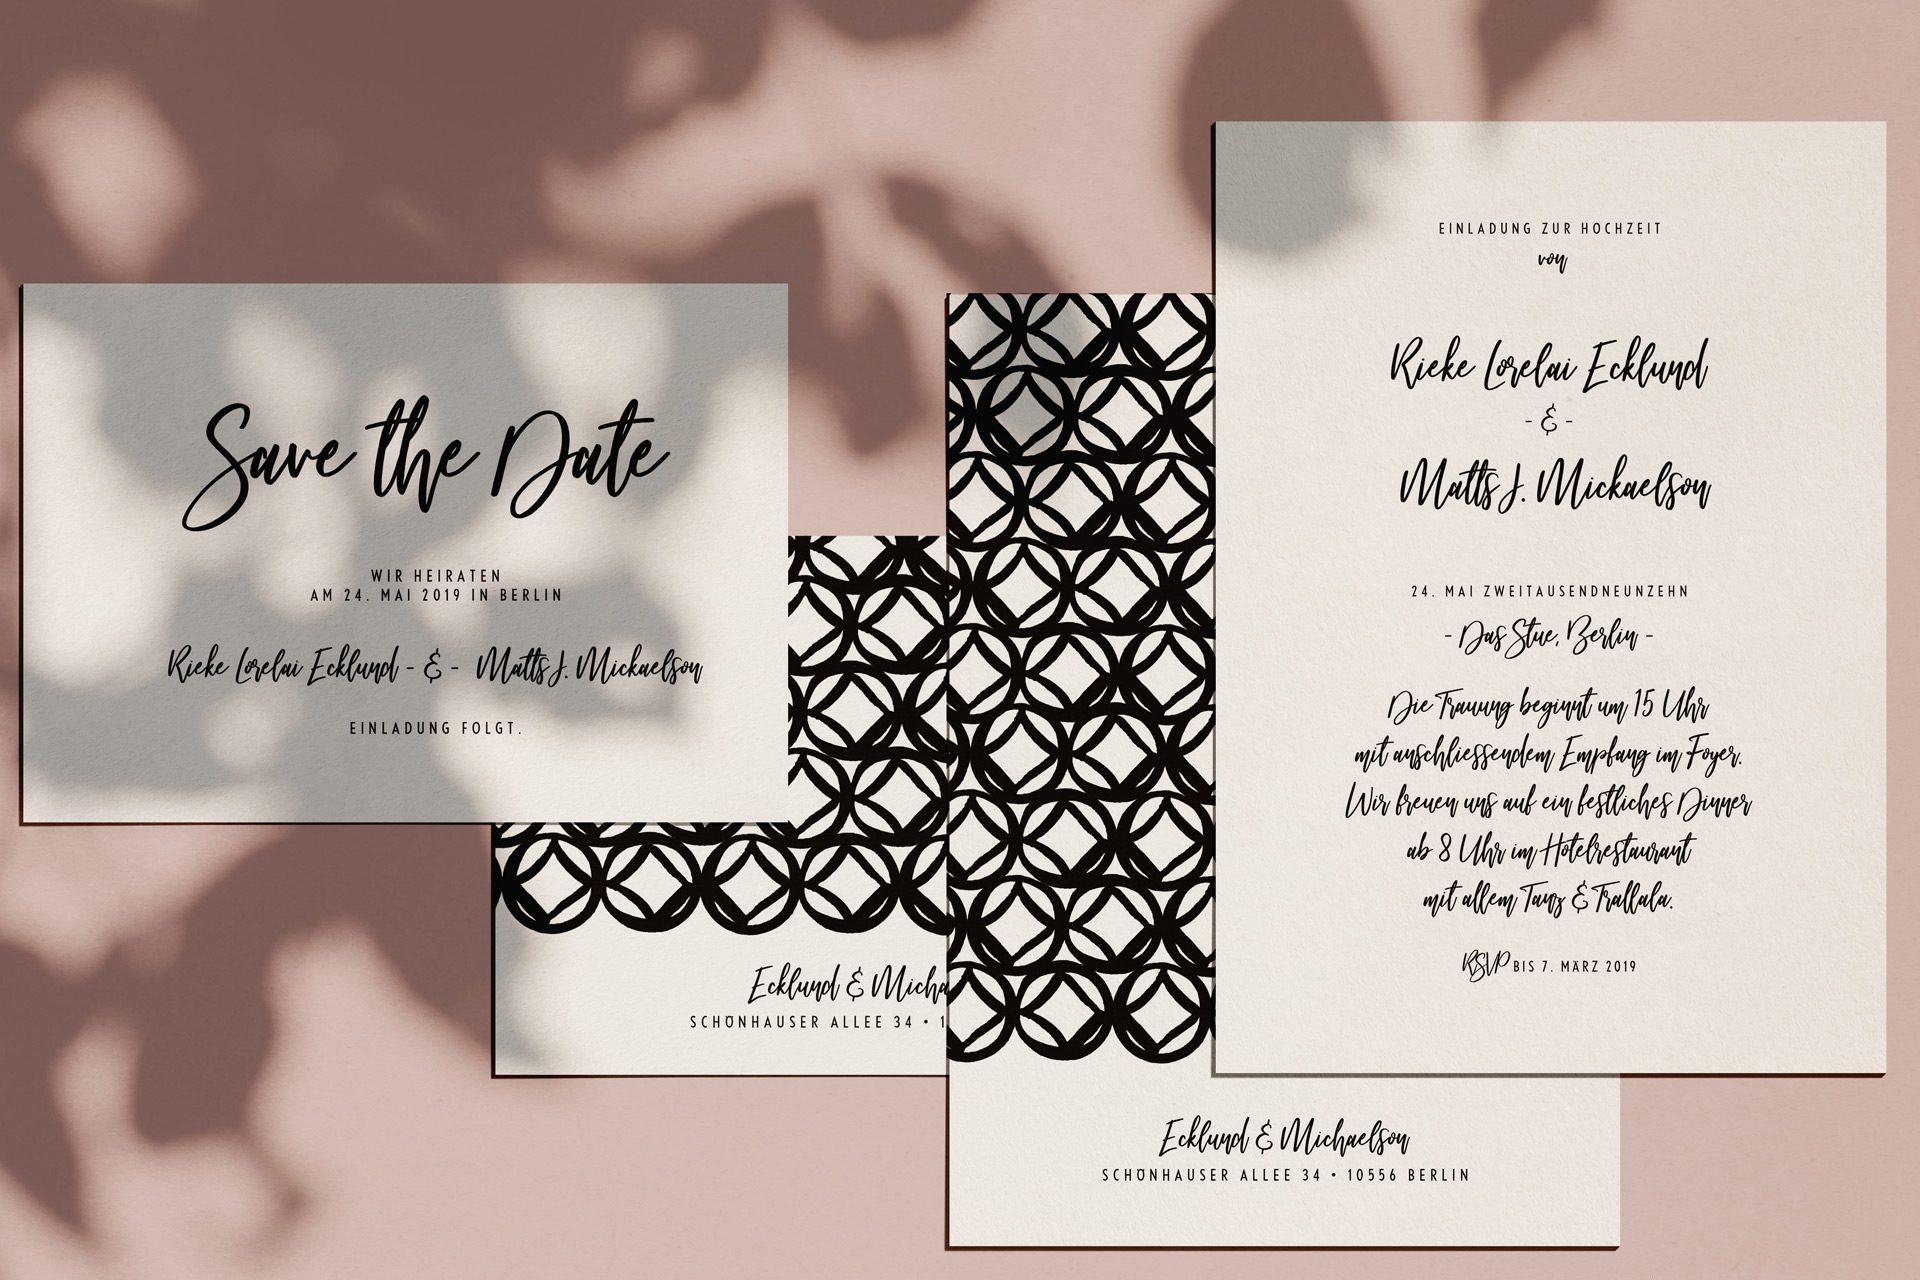 Save the Date und Einladung mit prägnantem Muster auf der Rückseite.